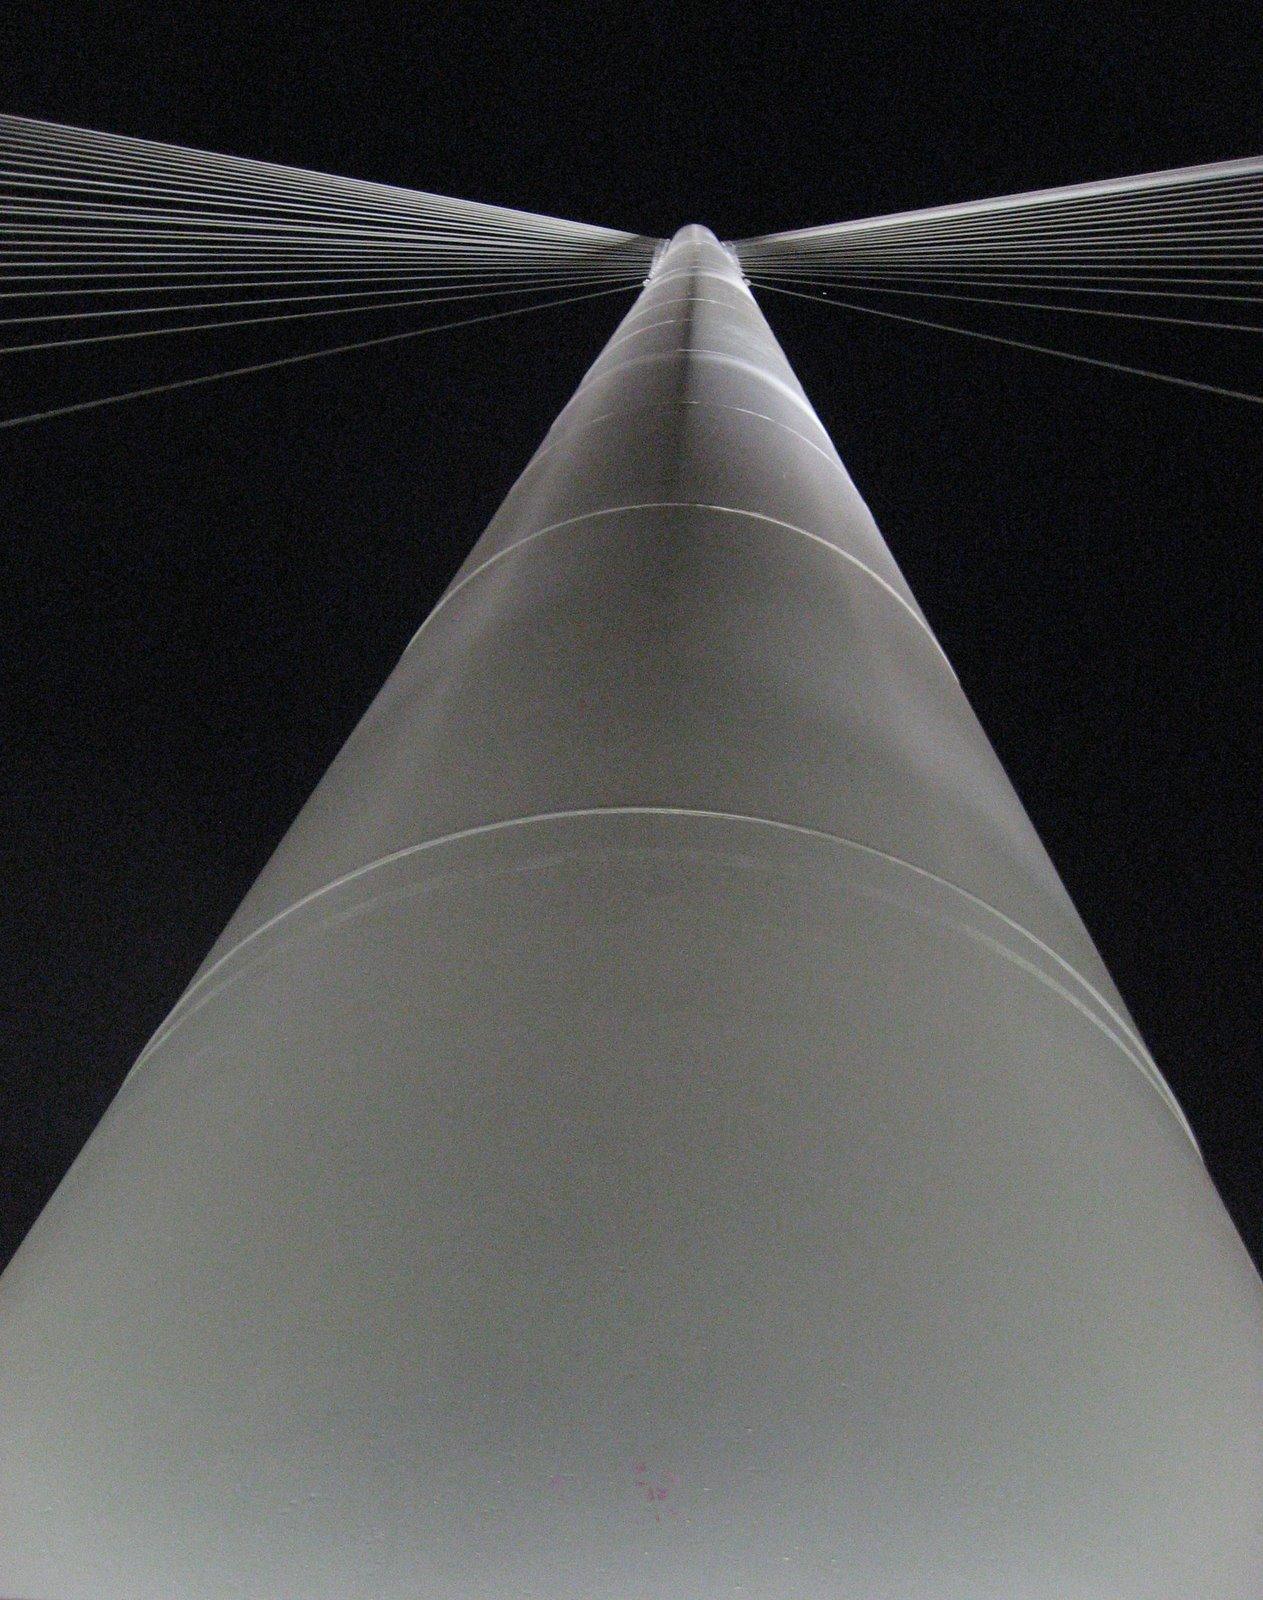 Pasarela diseñada por Javier Manterola  , vista en picado de el mastil de 75 m. , toma nocturna .